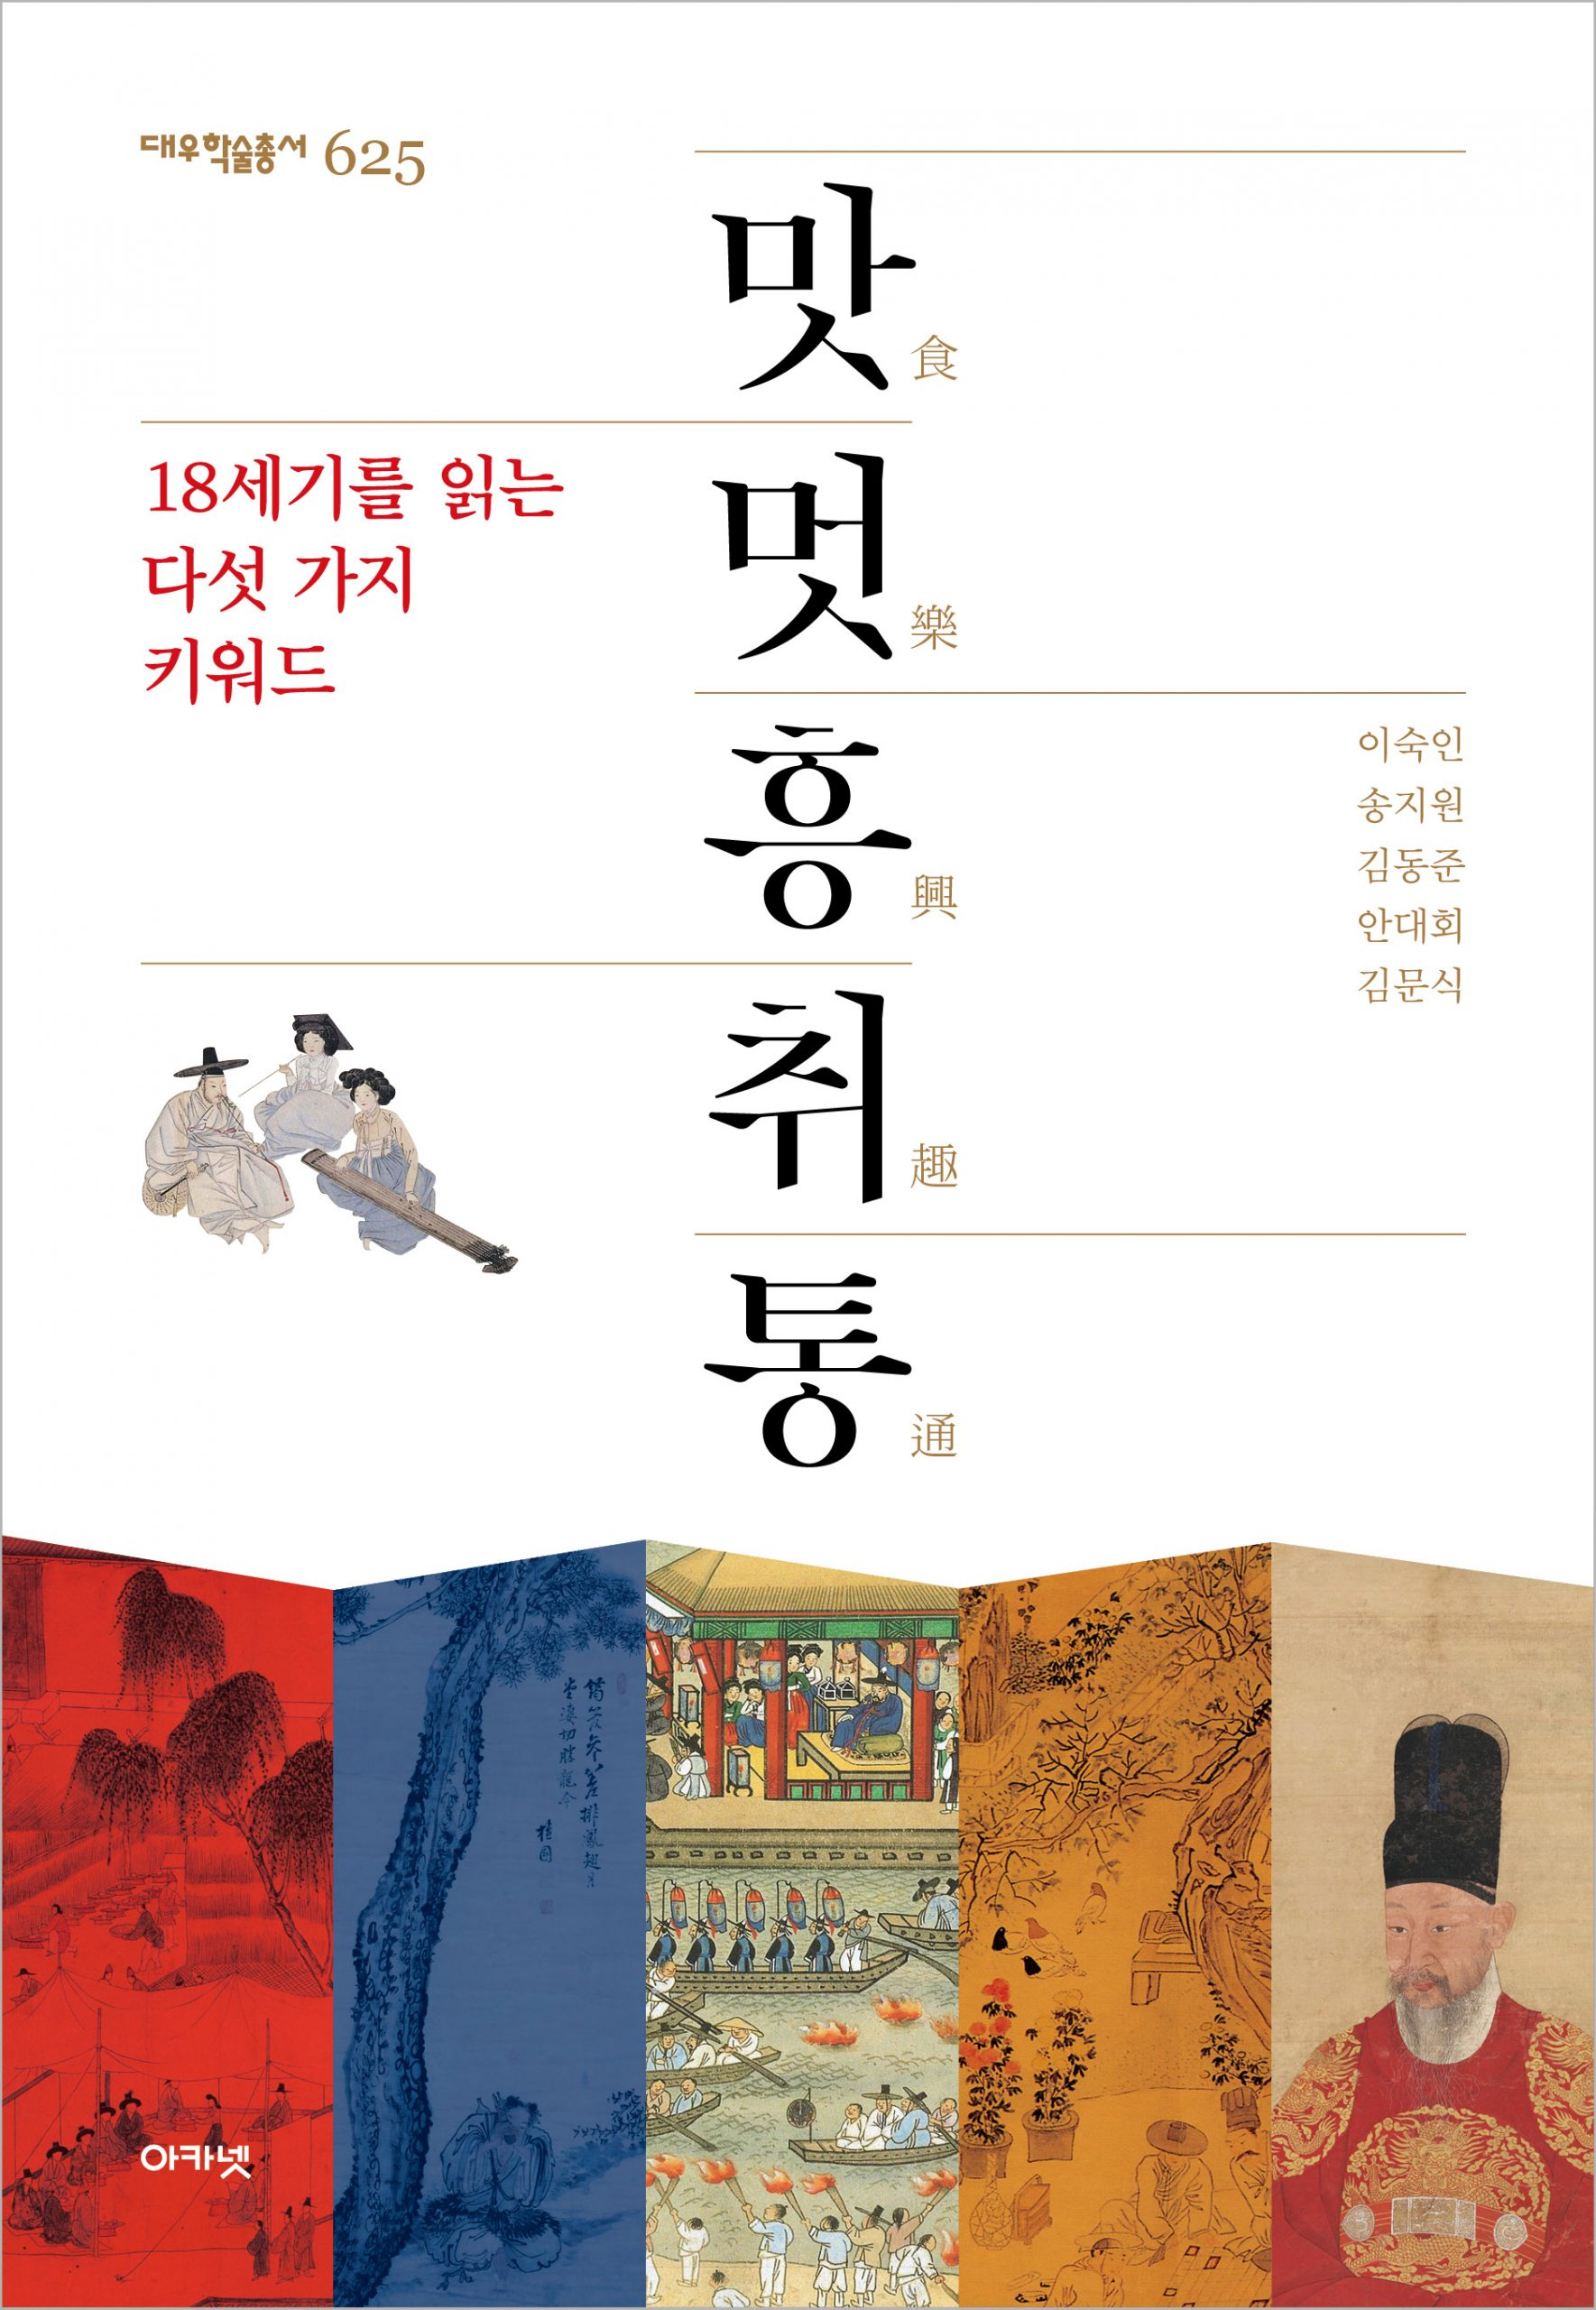 대우재단 대우학술총서 제625권 맛멋흥취통 written by 이숙인 외 and published by 아카넷 in 2020